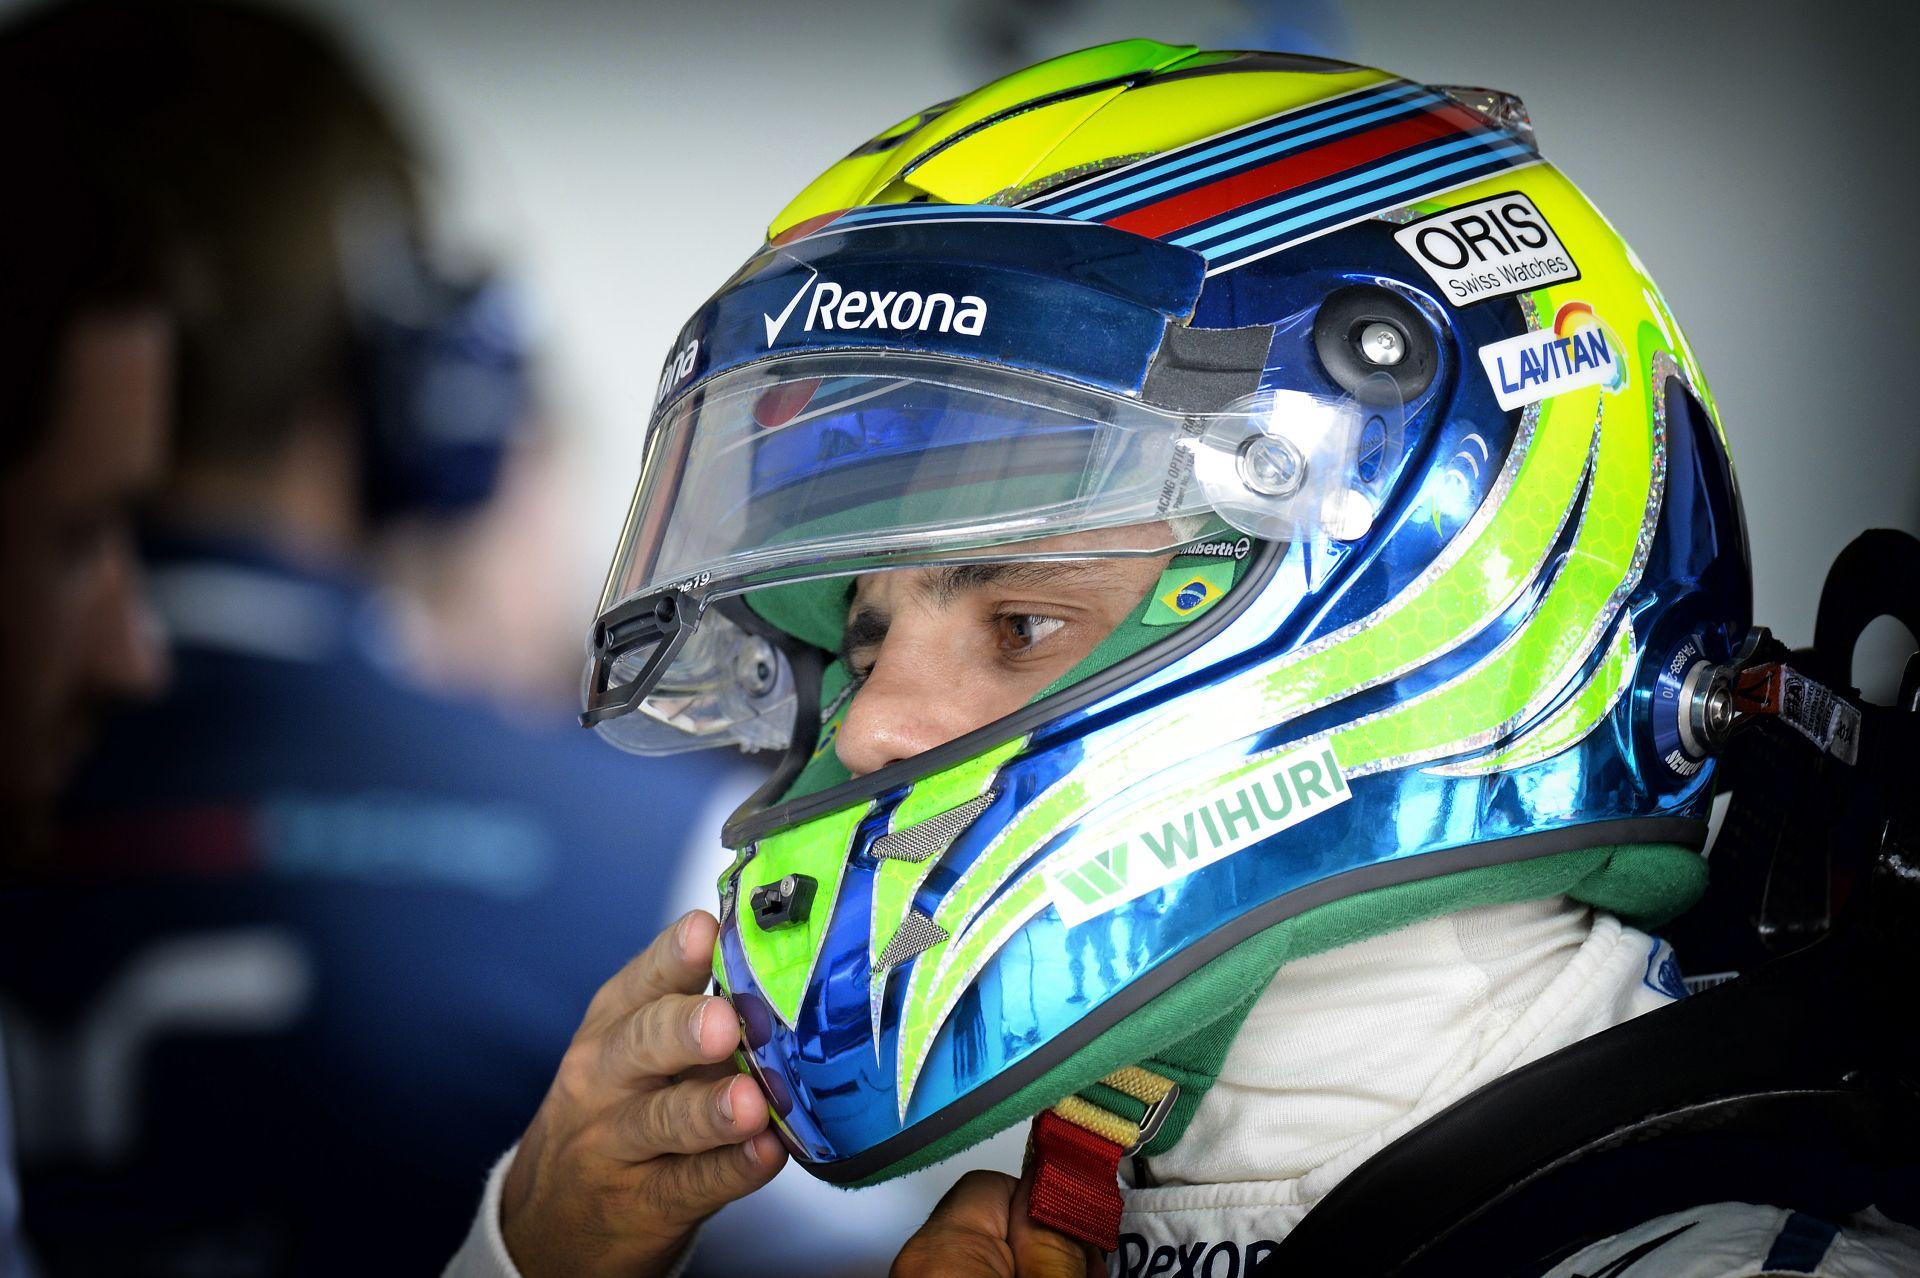 Fantasztikus képek érkeztek Massa nagy pillanatáról: Senna első F1-es autója